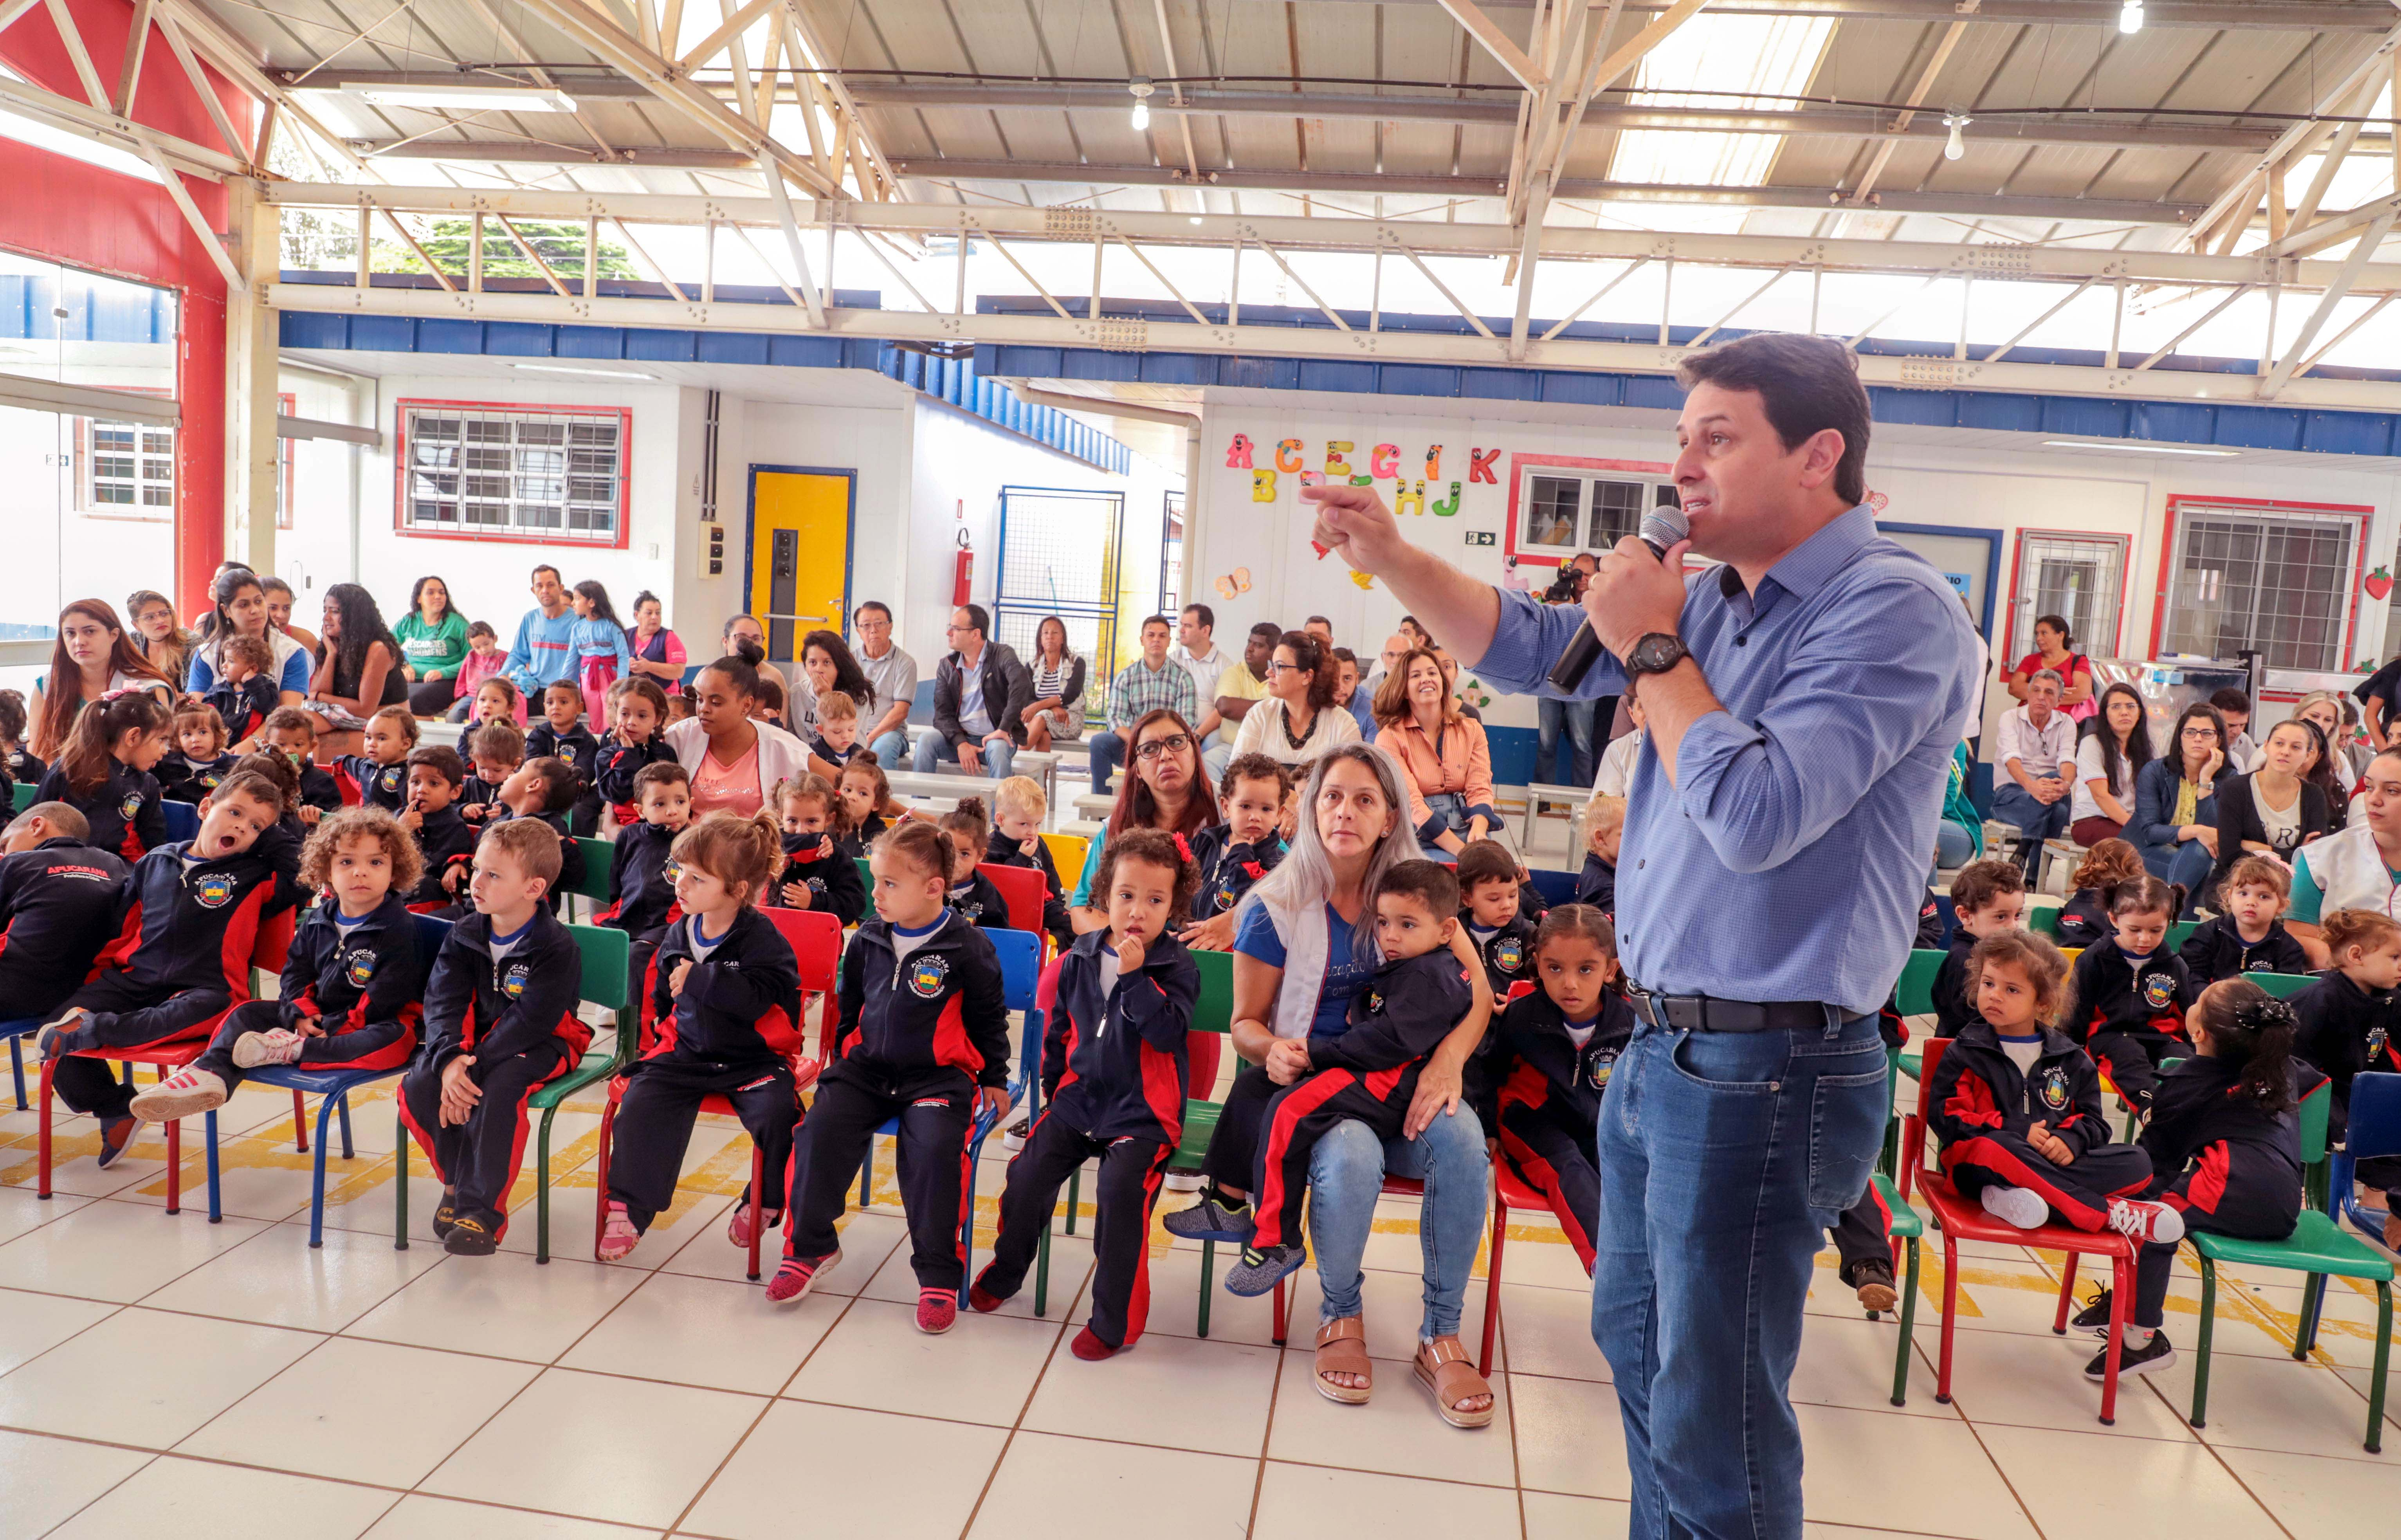 Doze mil alunos iniciam o ano letivo na rede municipal de Apucarana